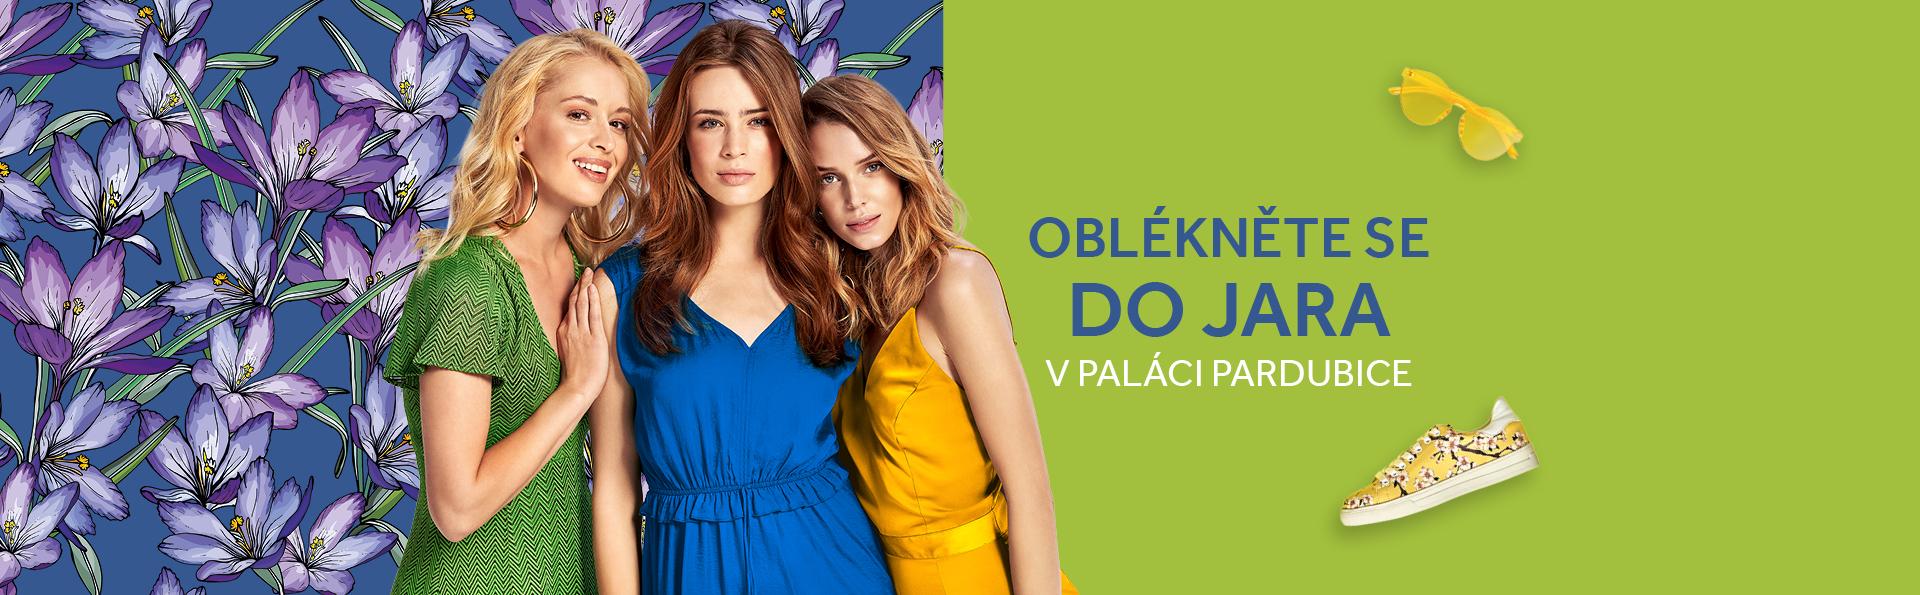 Oblékněte se do jara v PALÁCI Pardubice